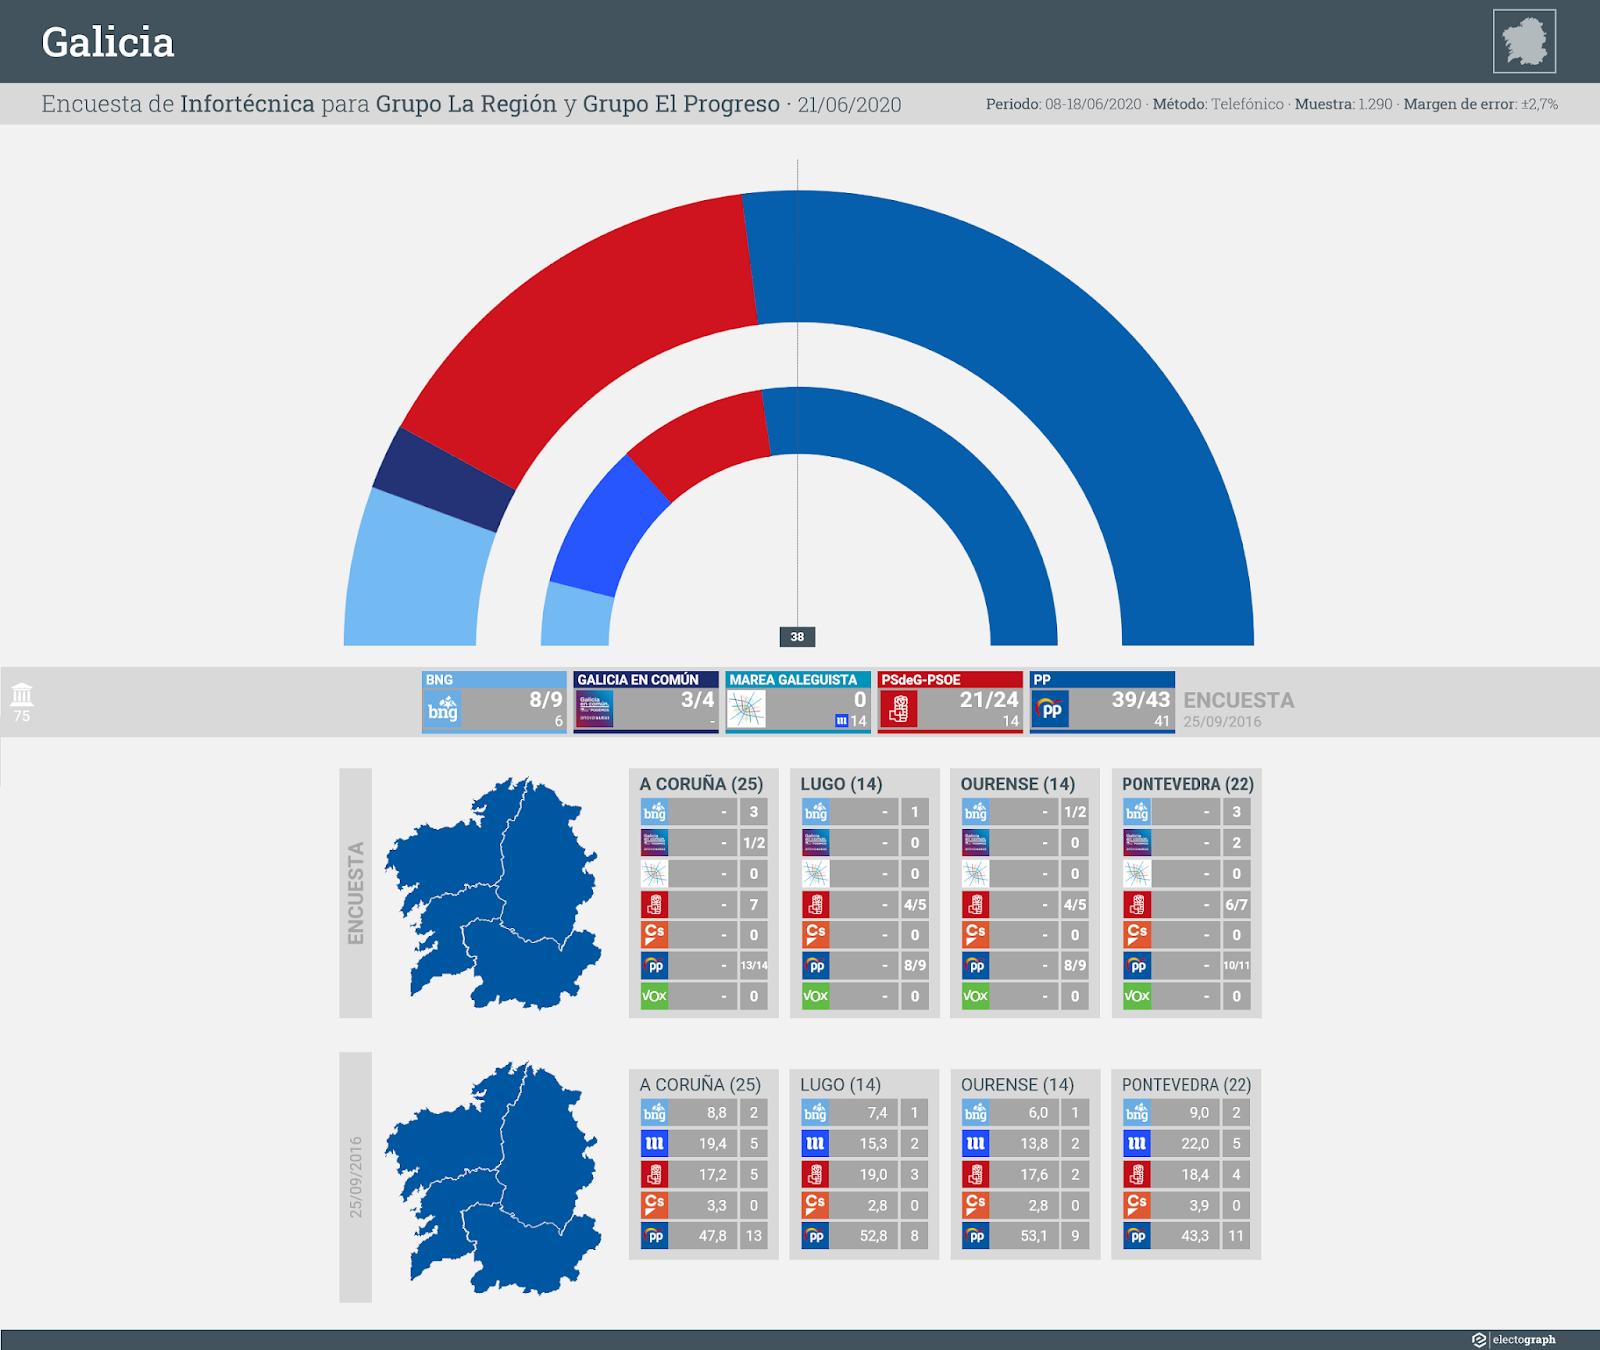 Gráfico de la encuesta para elecciones autonómicas en Galicia realizada por Infortécnica para Grupo La Región y Grupo El Progreso, 21 de junio de 2020